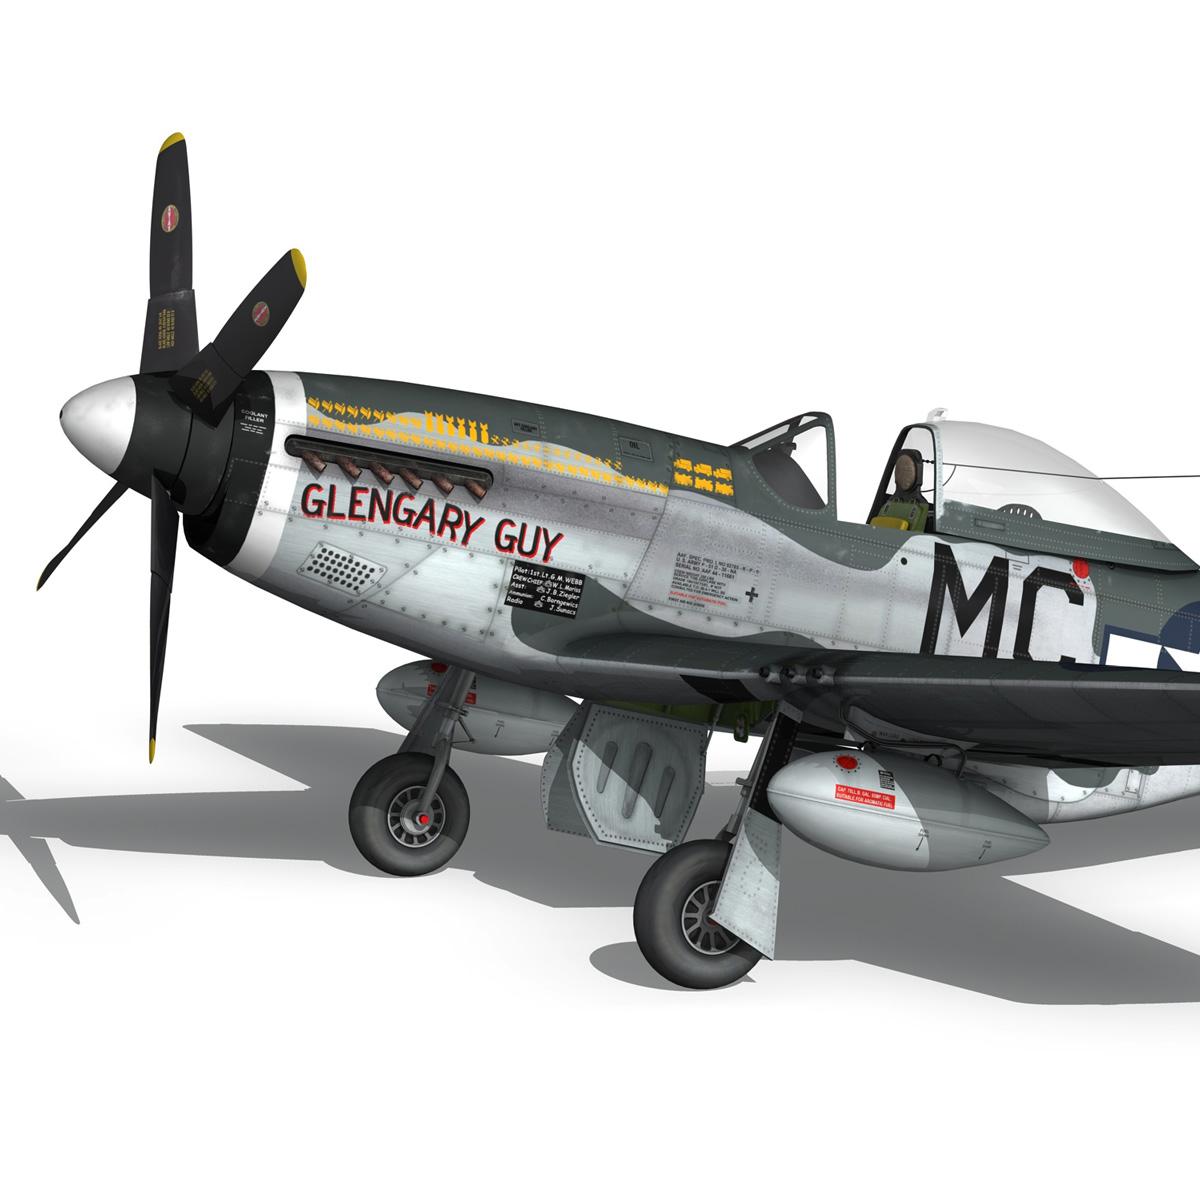 north american p-51d mustang – glengary guy 3d model fbx c4d lwo obj 267524